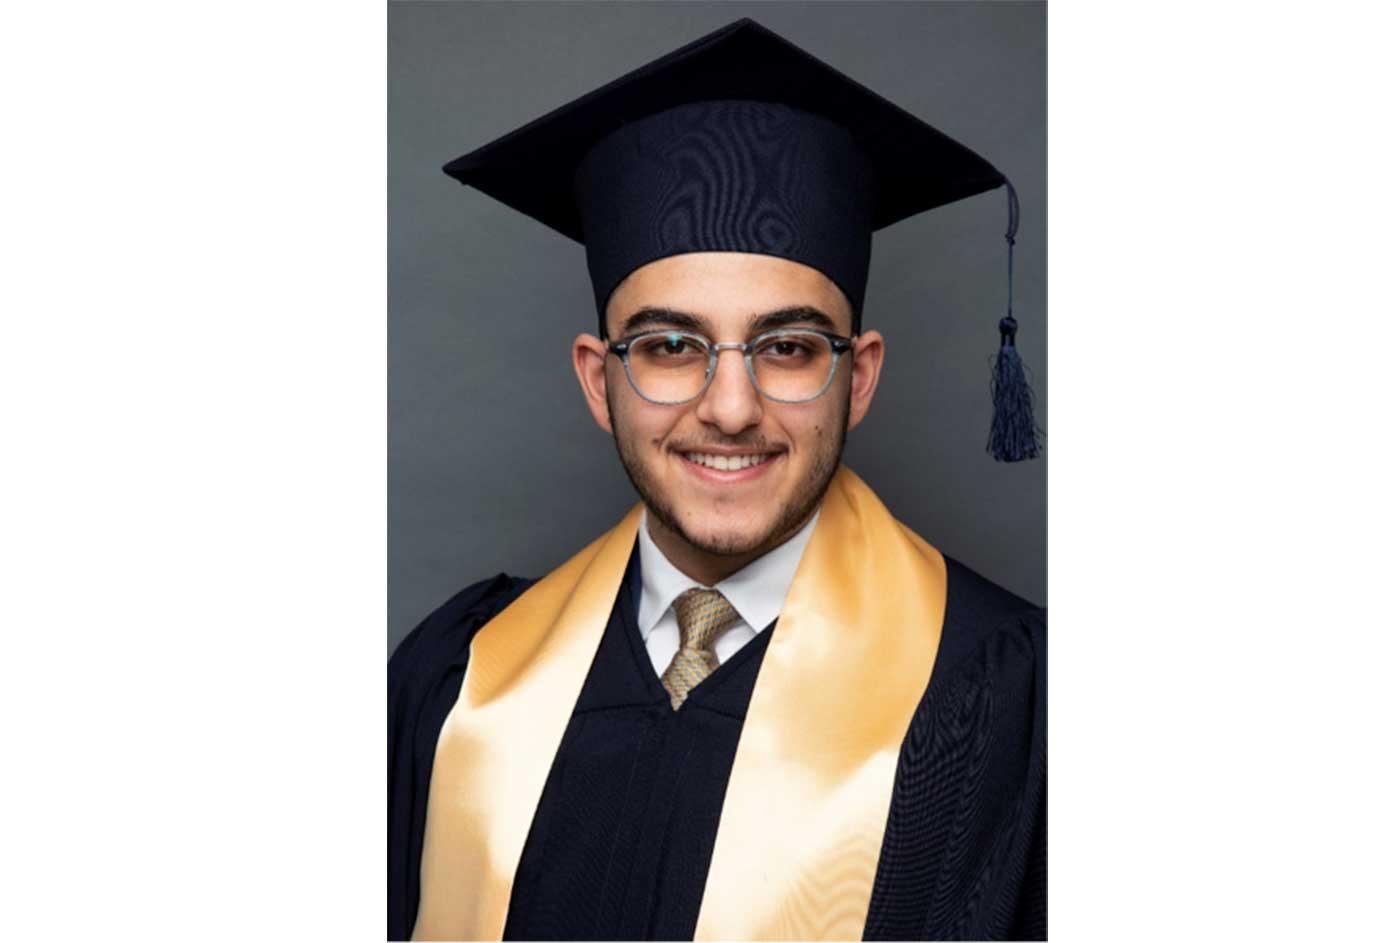 طالب إماراتي يحقق المرتبة الأولى في امتحان البكالوريا الدولية